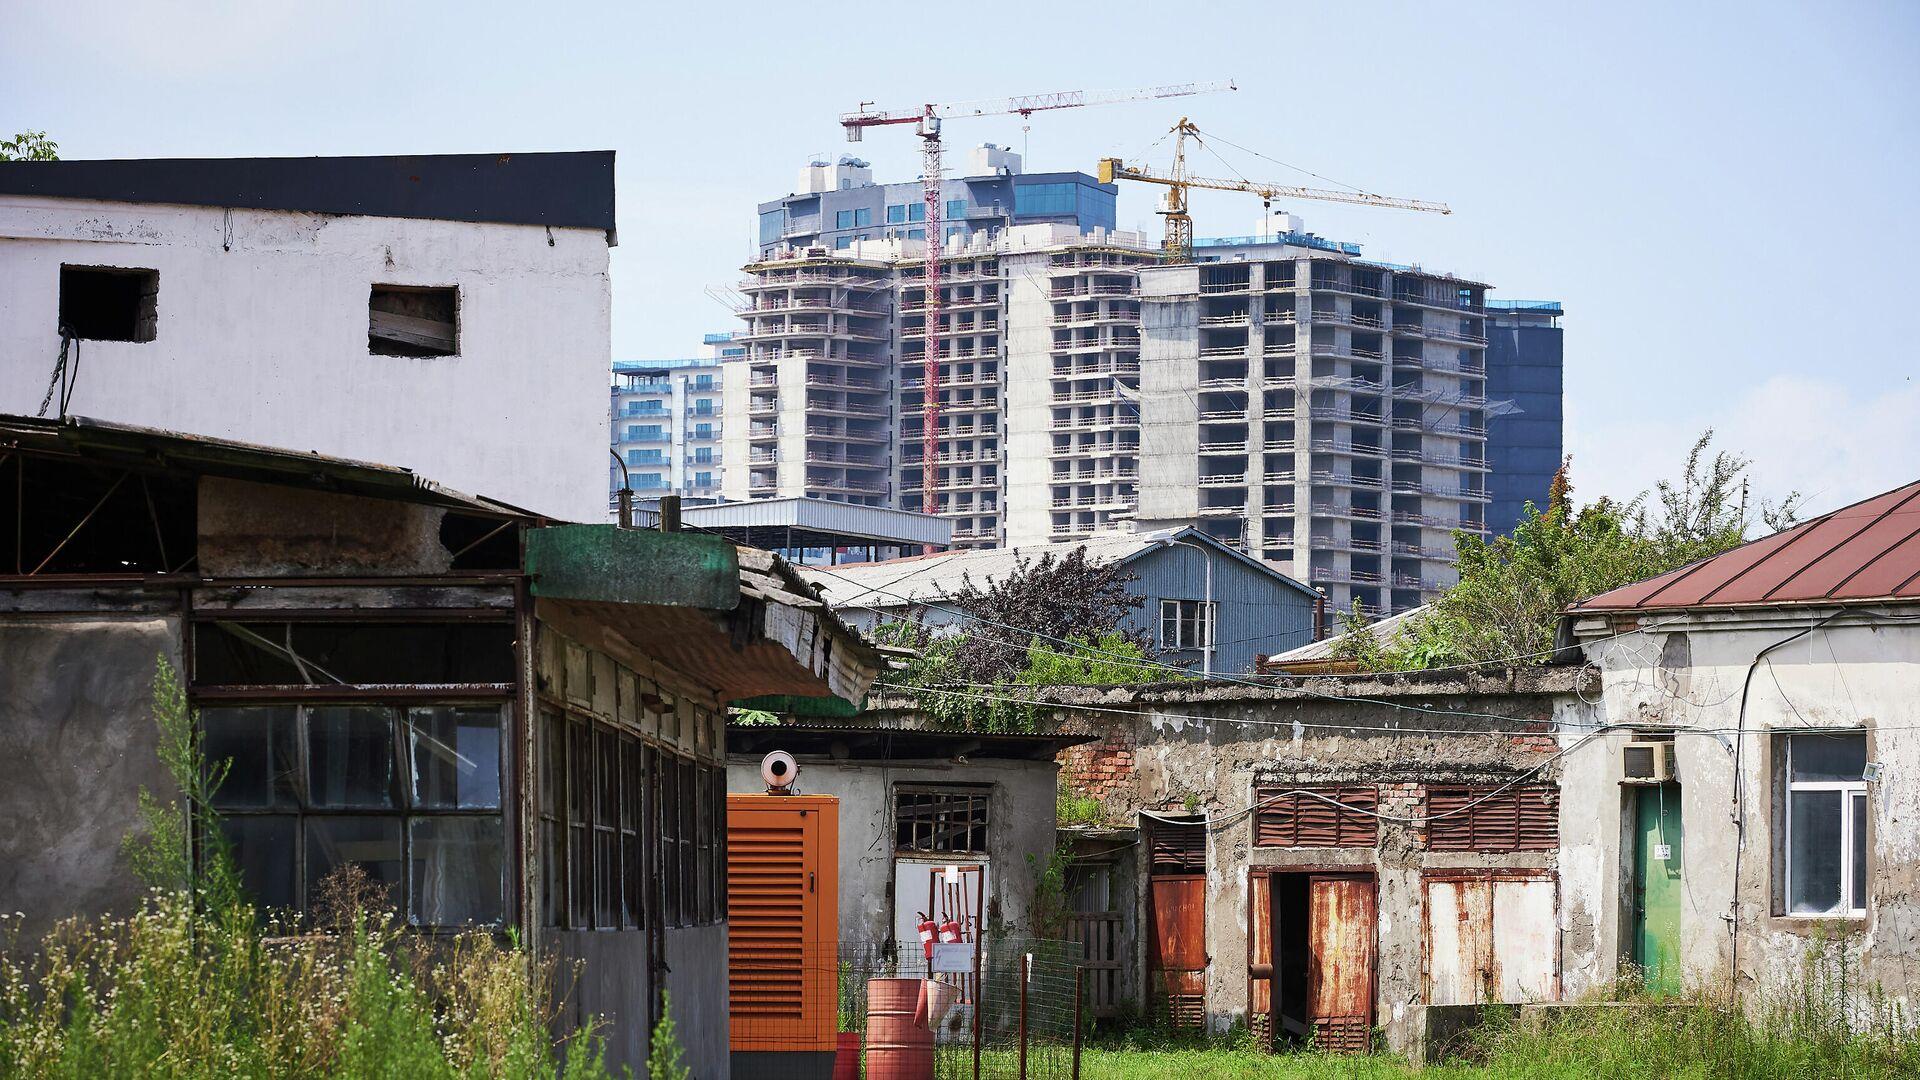 Строительство новых жилых домов близ батумского бульвара - на переднем плане старые постройки - Sputnik Грузия, 1920, 11.10.2021